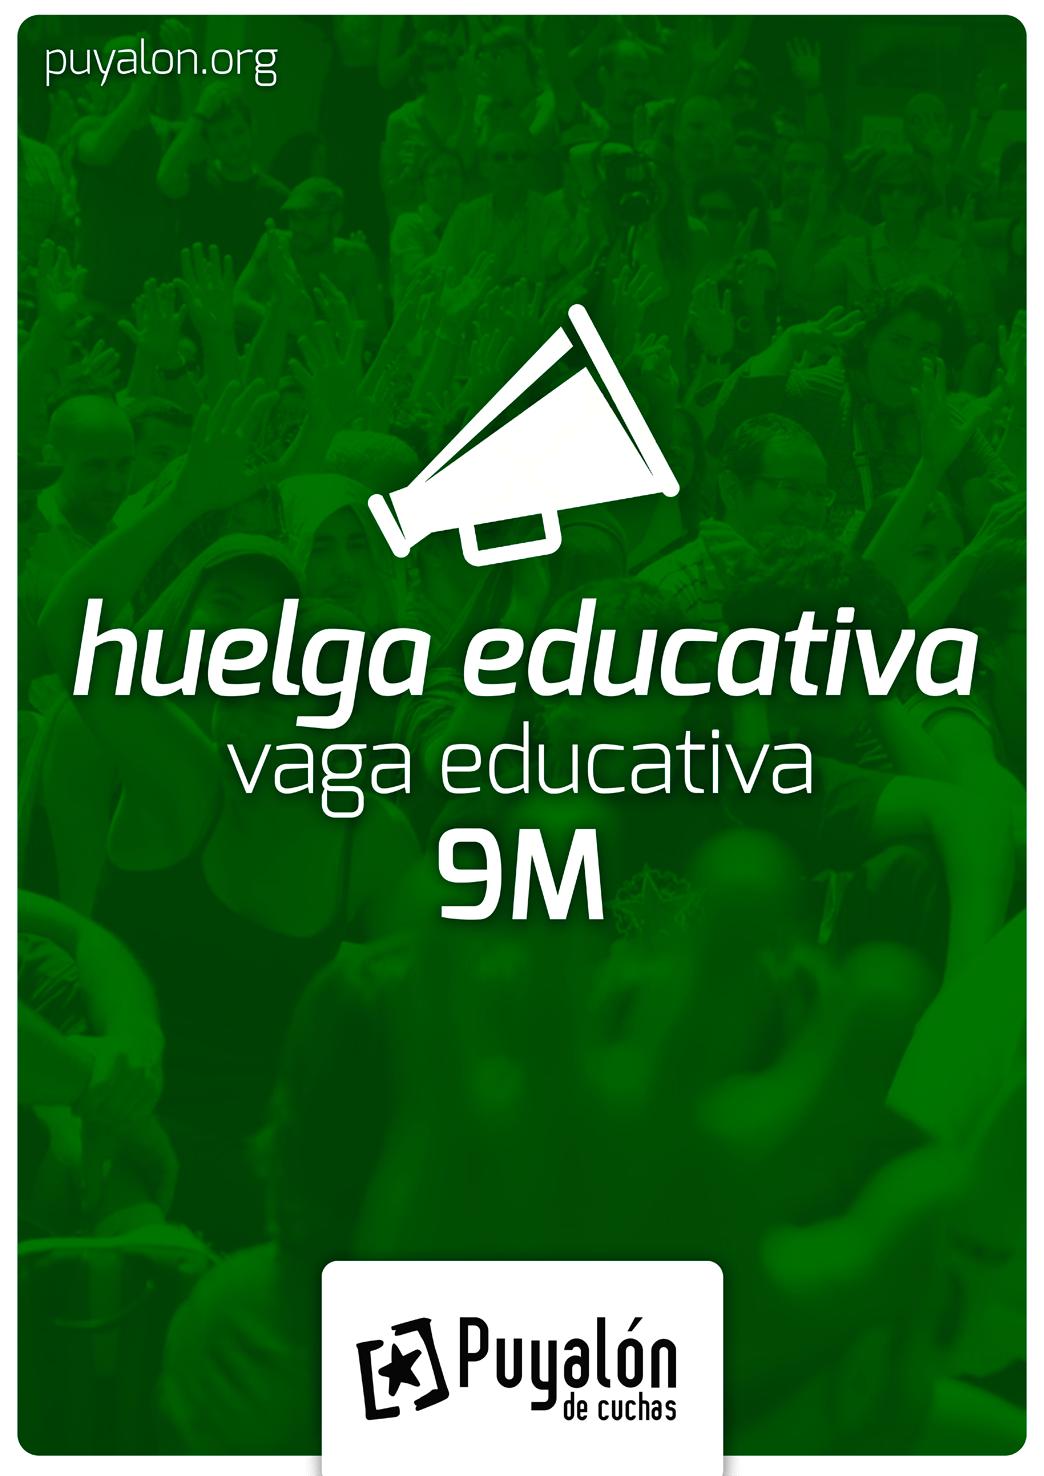 educación pública huelga